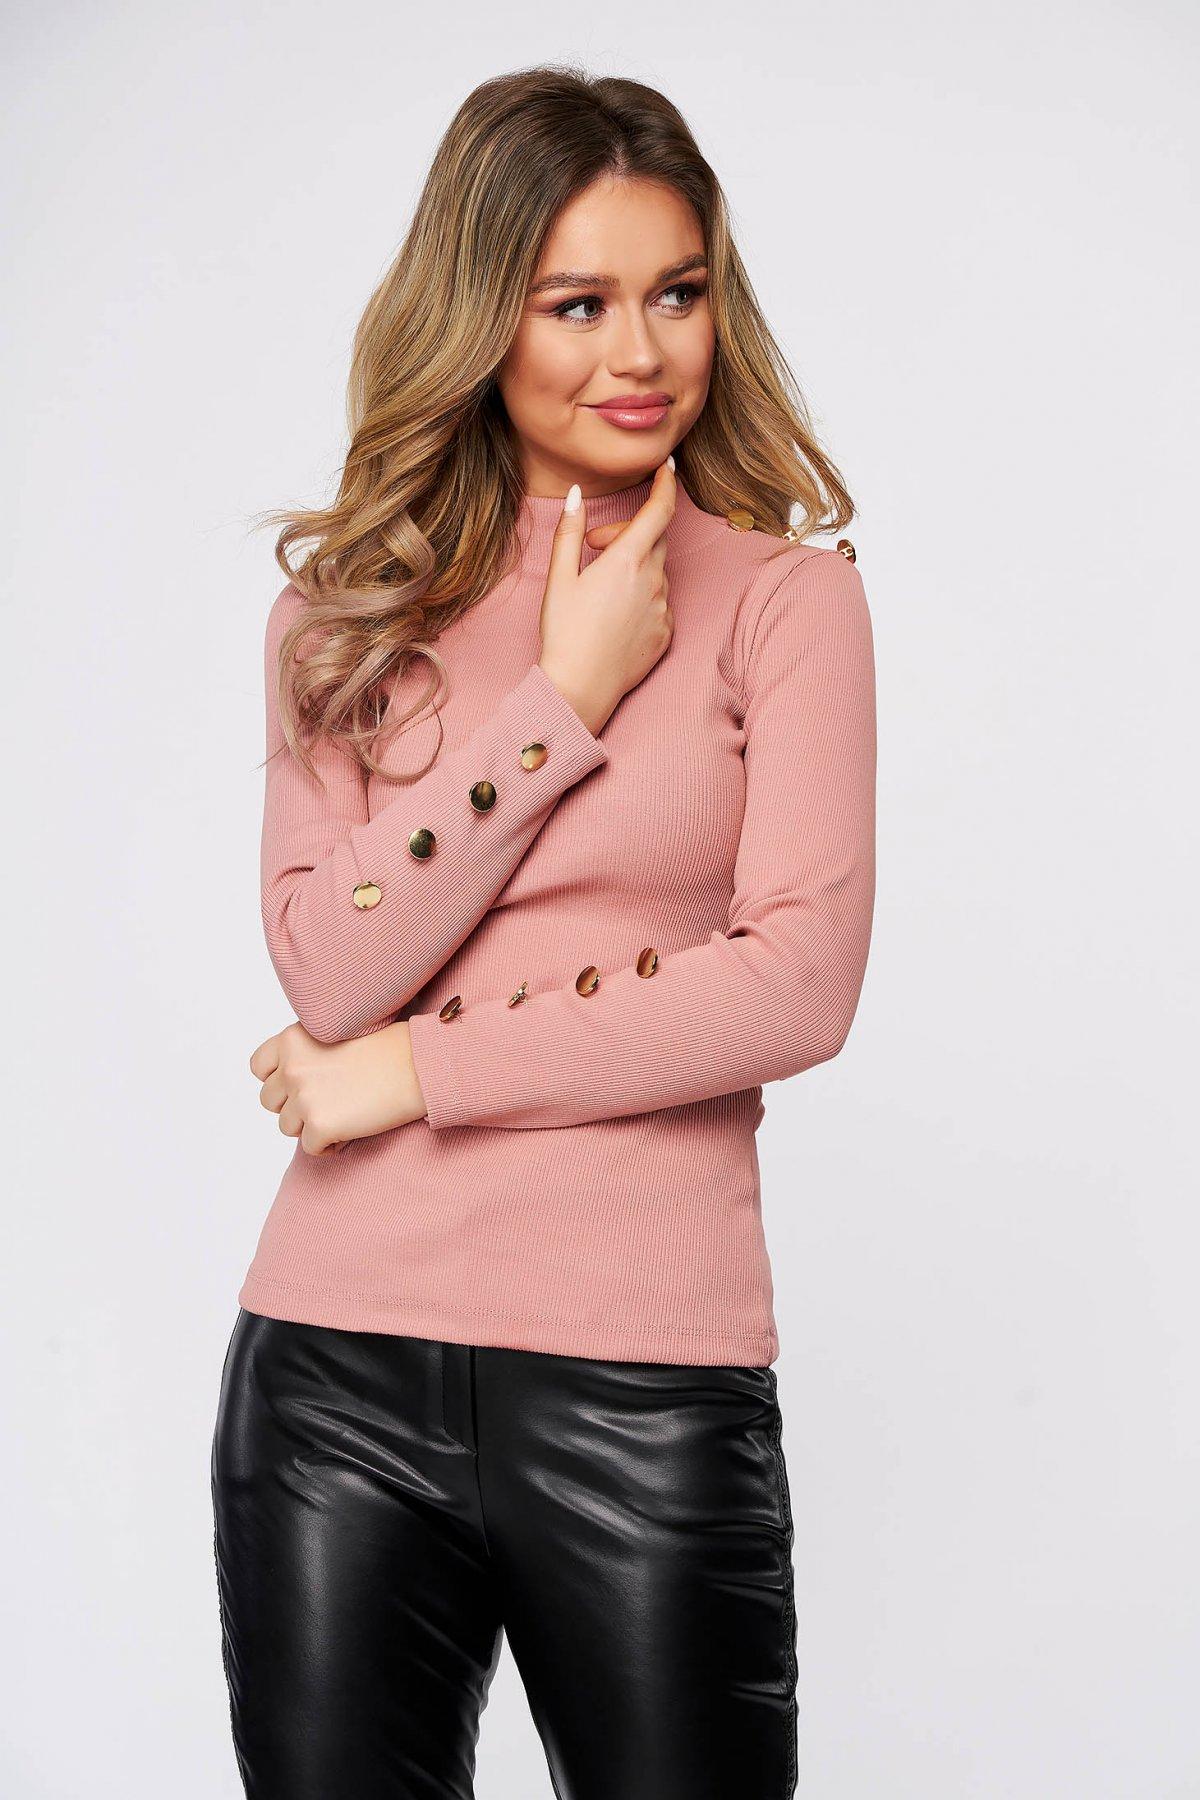 Bluza dama SunShine roz din bumbac elastic reiat cu un croi mulat accesorizata cu nasturi